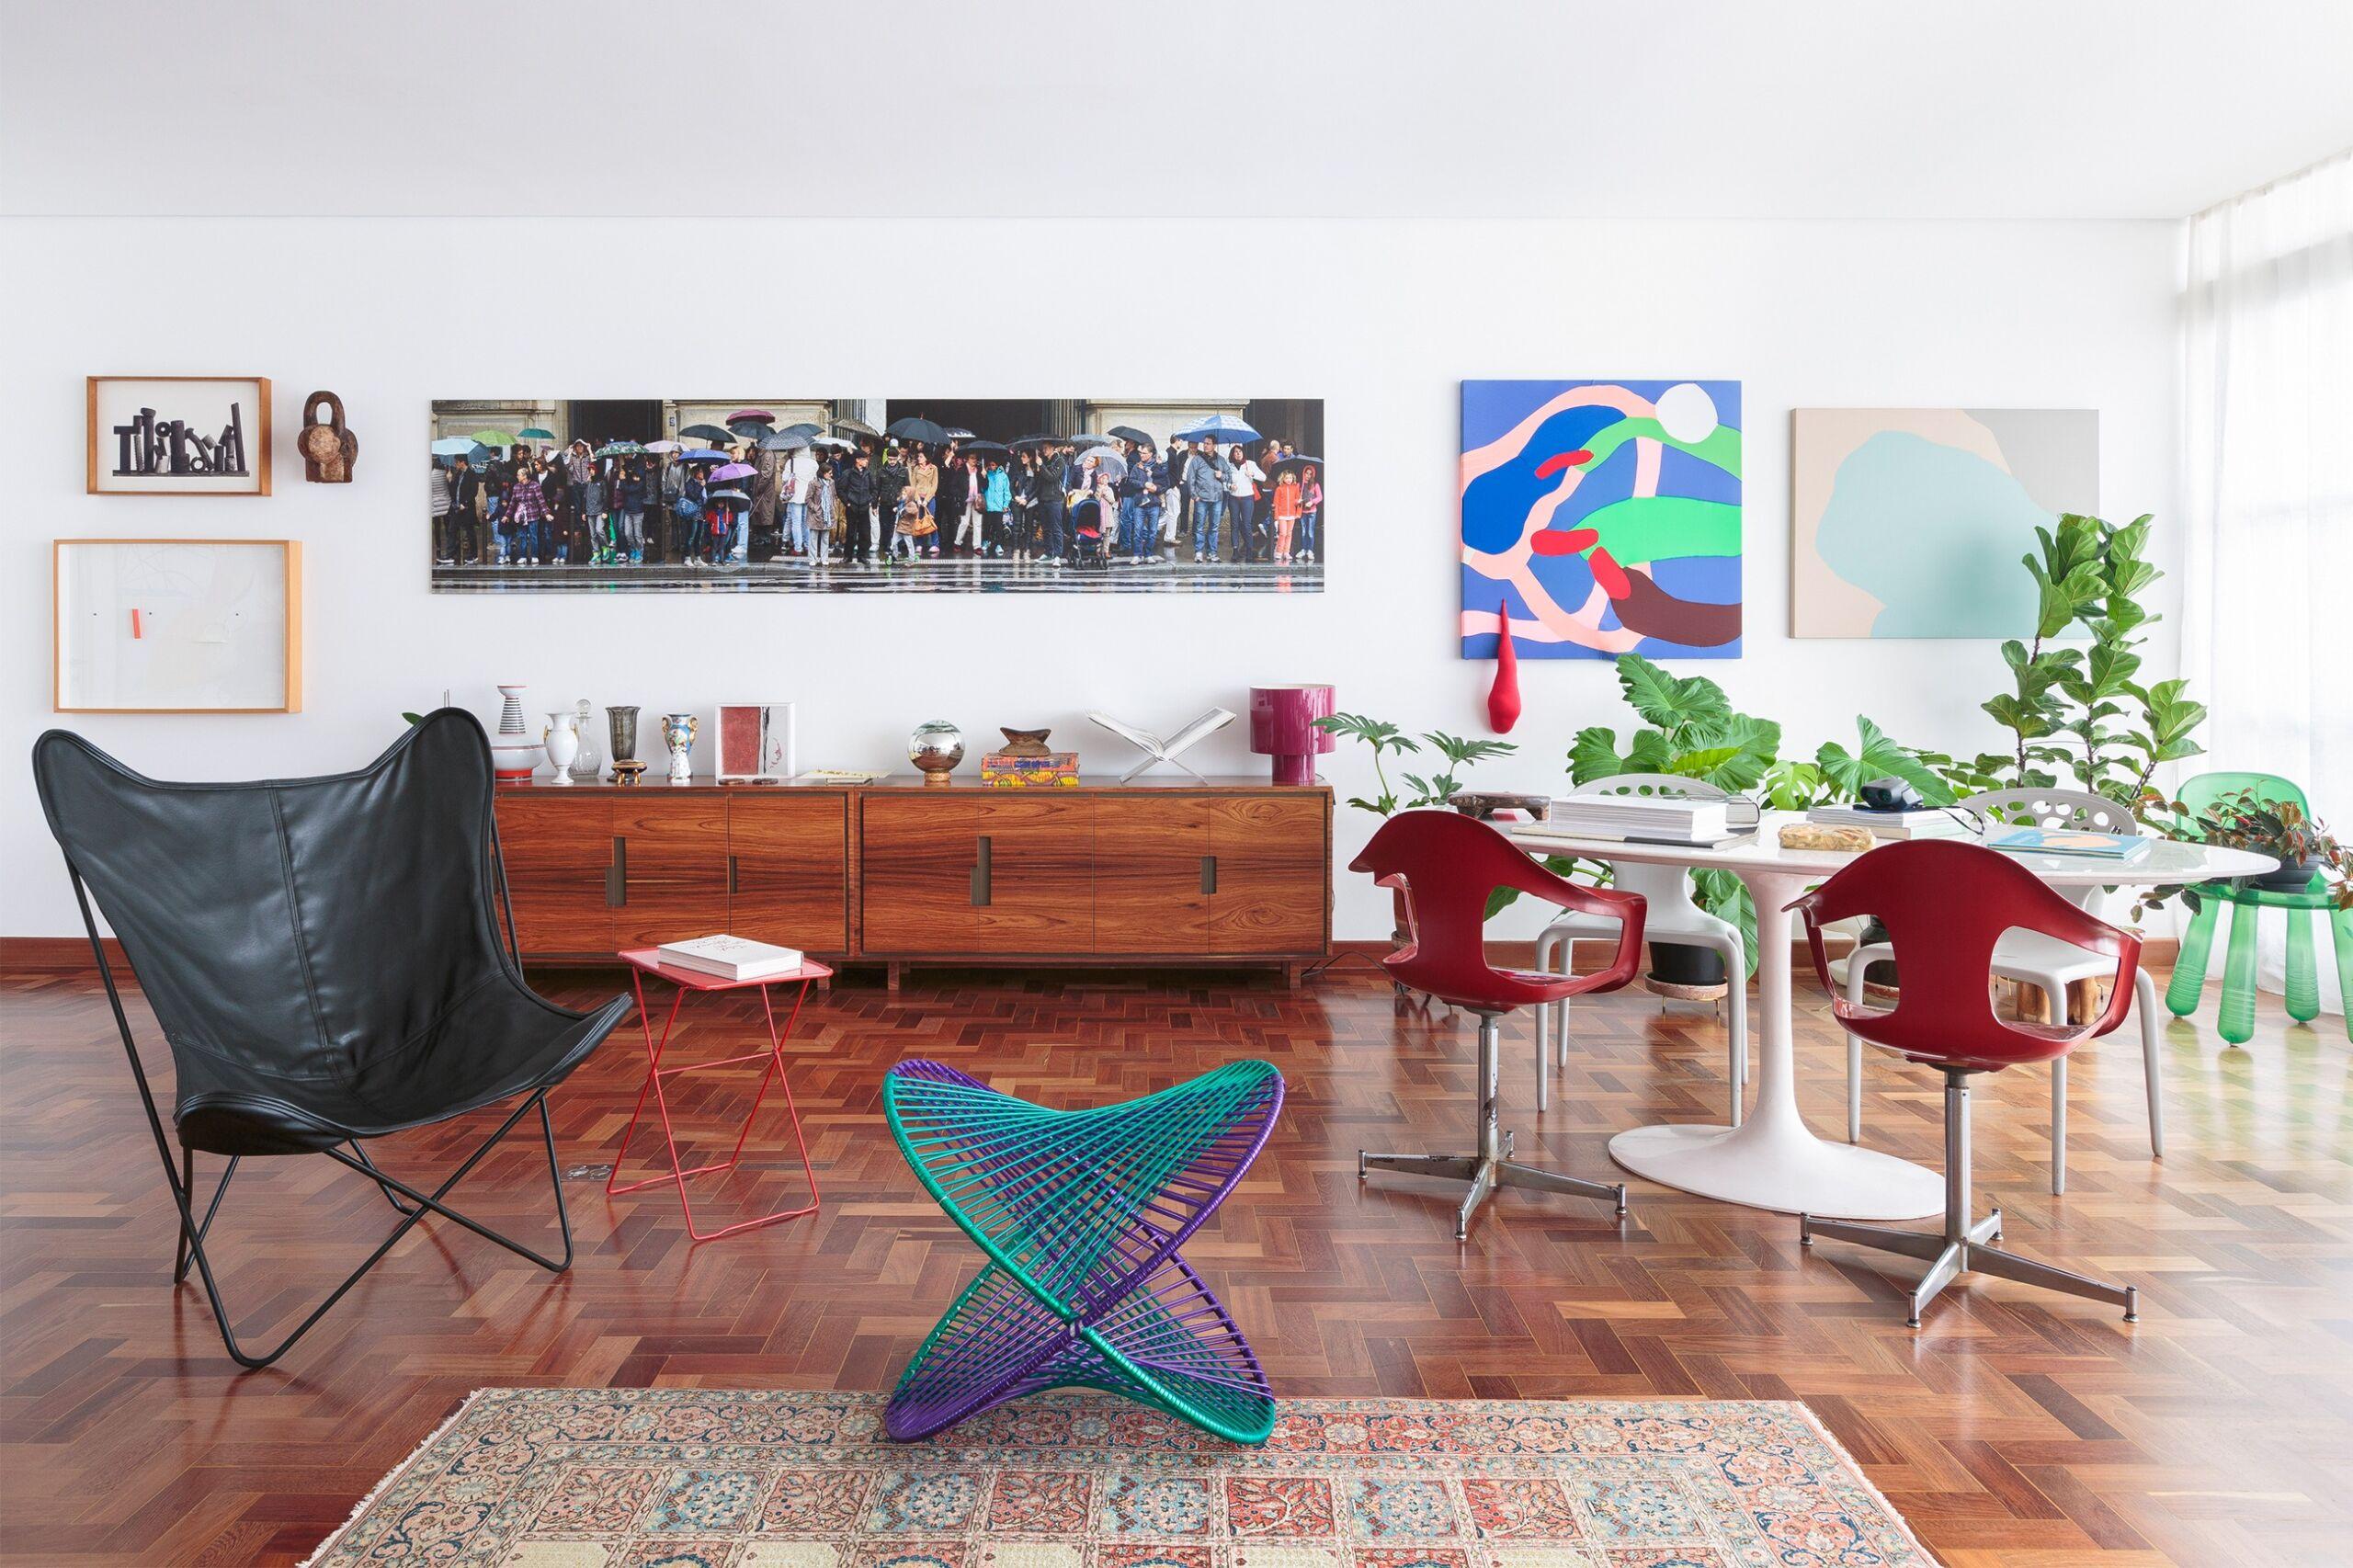 sala-com-obras-arte-e-cadeiras-coloridas